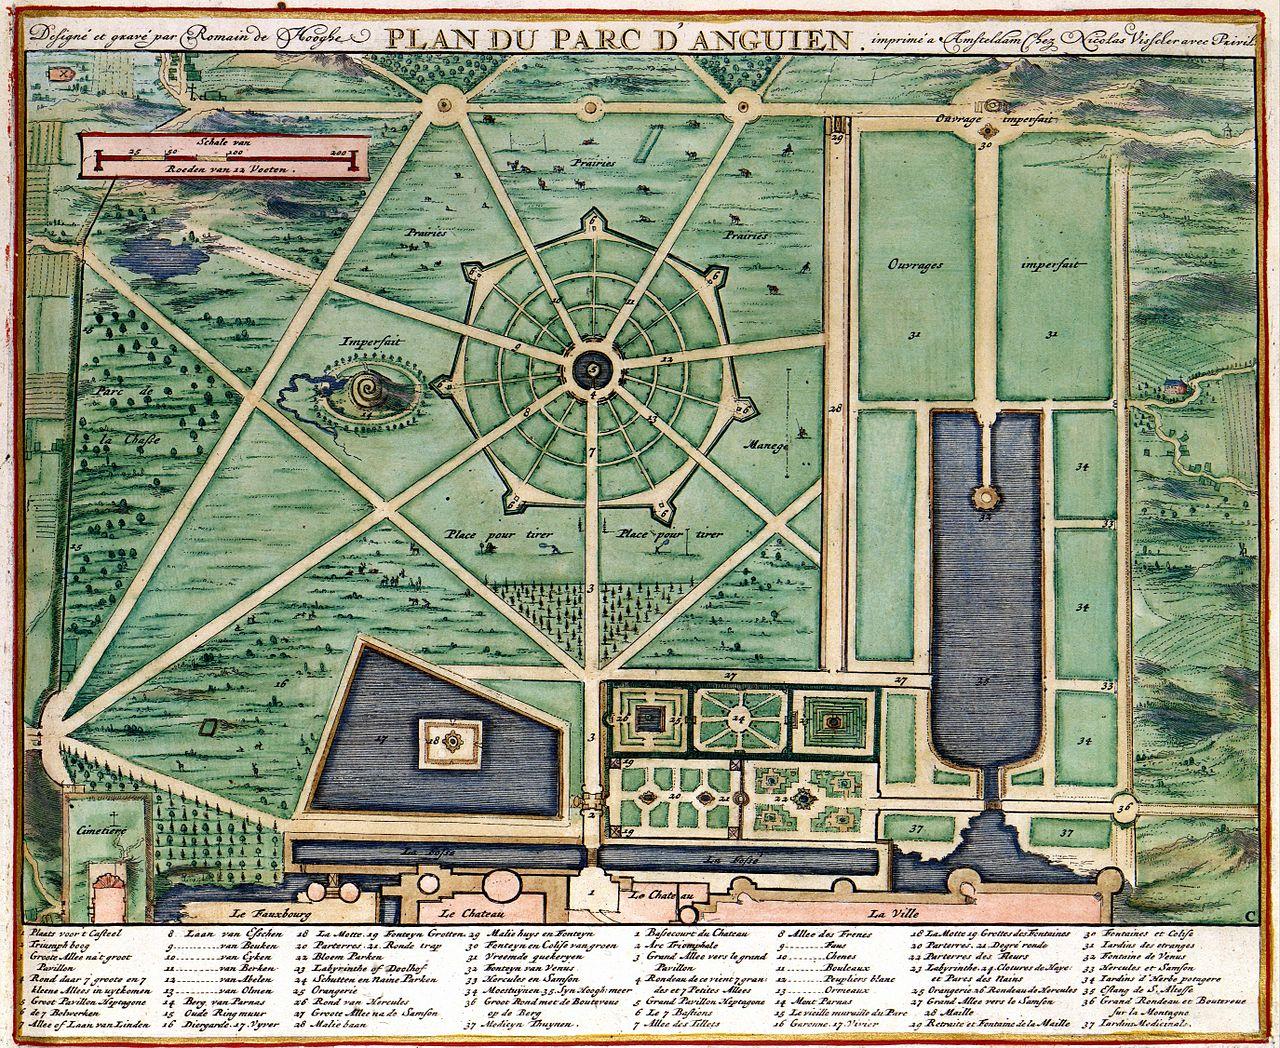 Carte du Parc d'Enghien